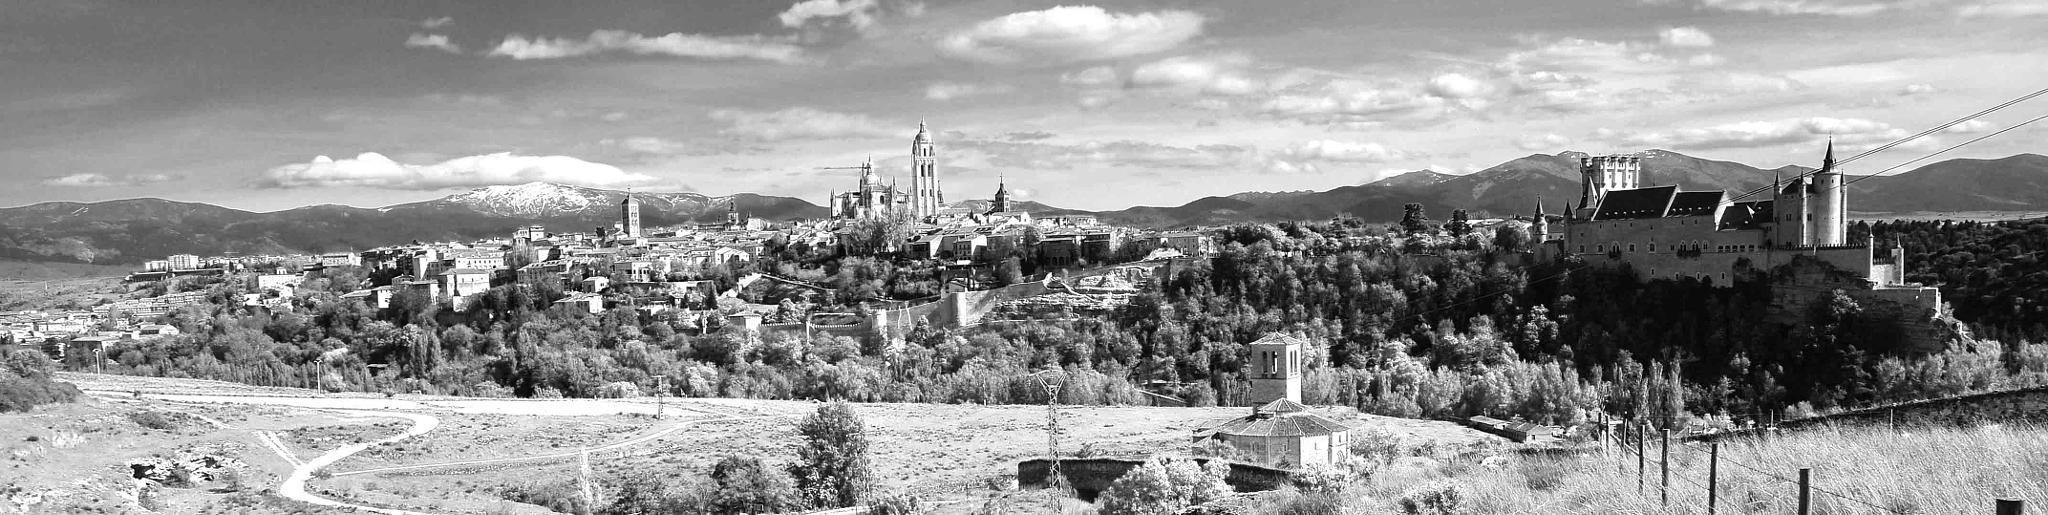 Segovia-2 by Arturo Fernández